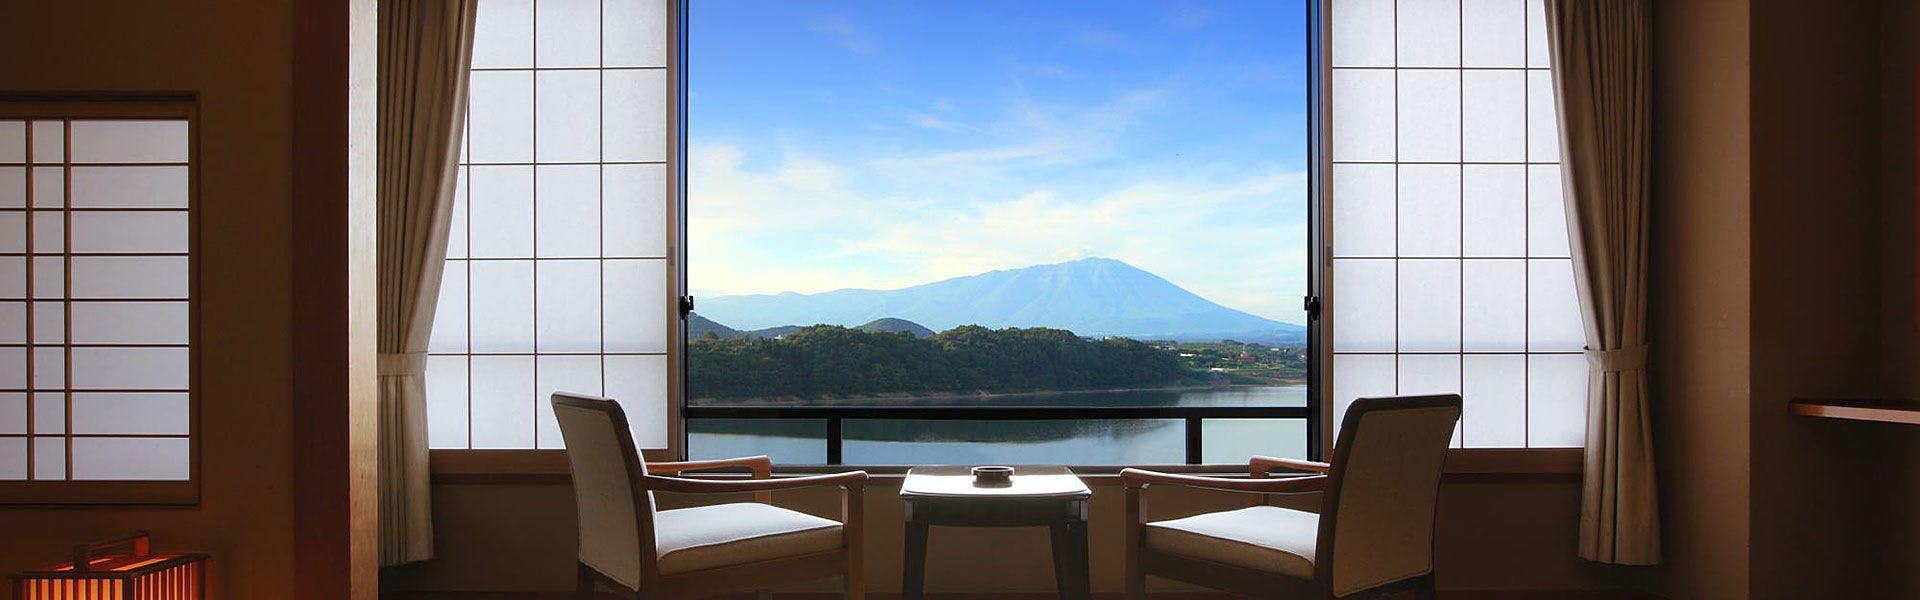 記念日におすすめのホテル・盛岡つなぎ温泉 ホテル紫苑の写真1